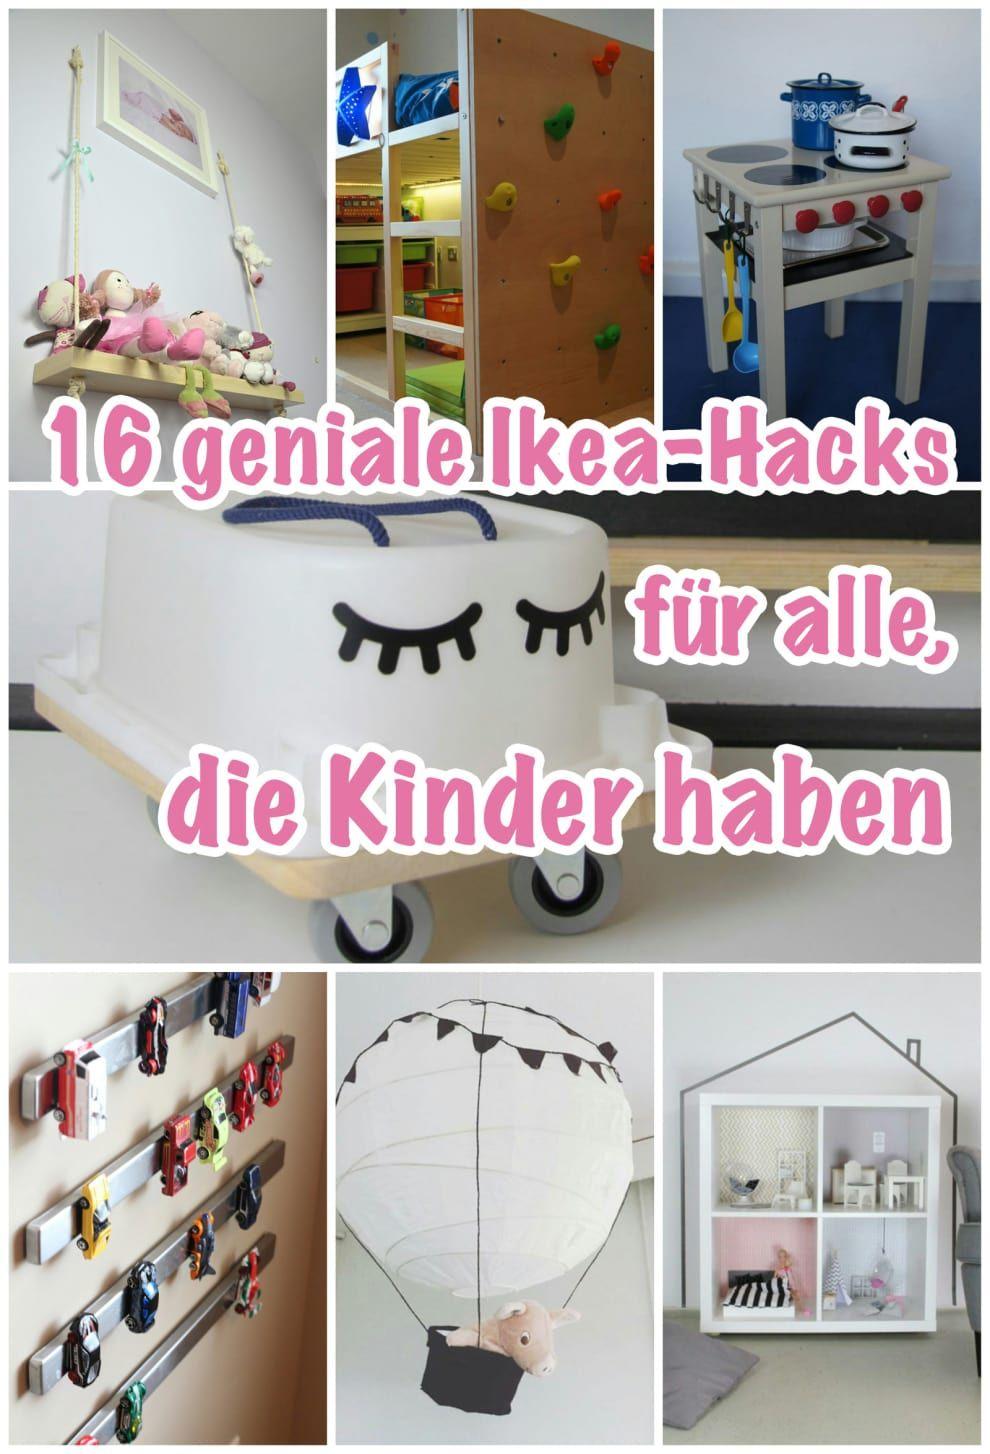 16 geniale ikea-hacks, die jedes kinderzimmer schöner und gemütlich